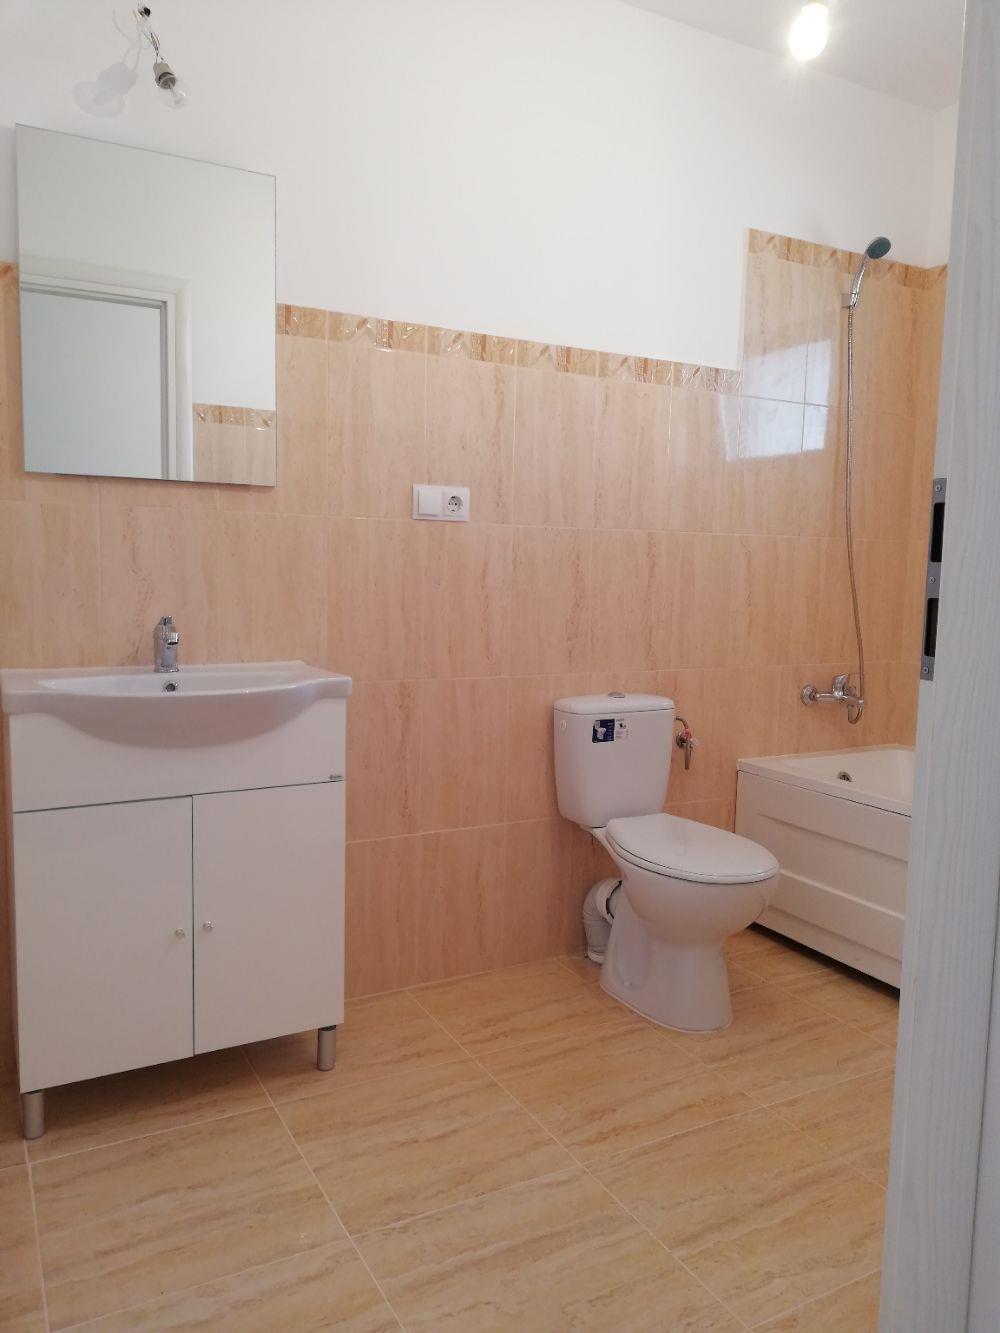 Proprietar Vind Duplex pe Parter cu utilitati  - imagine 3